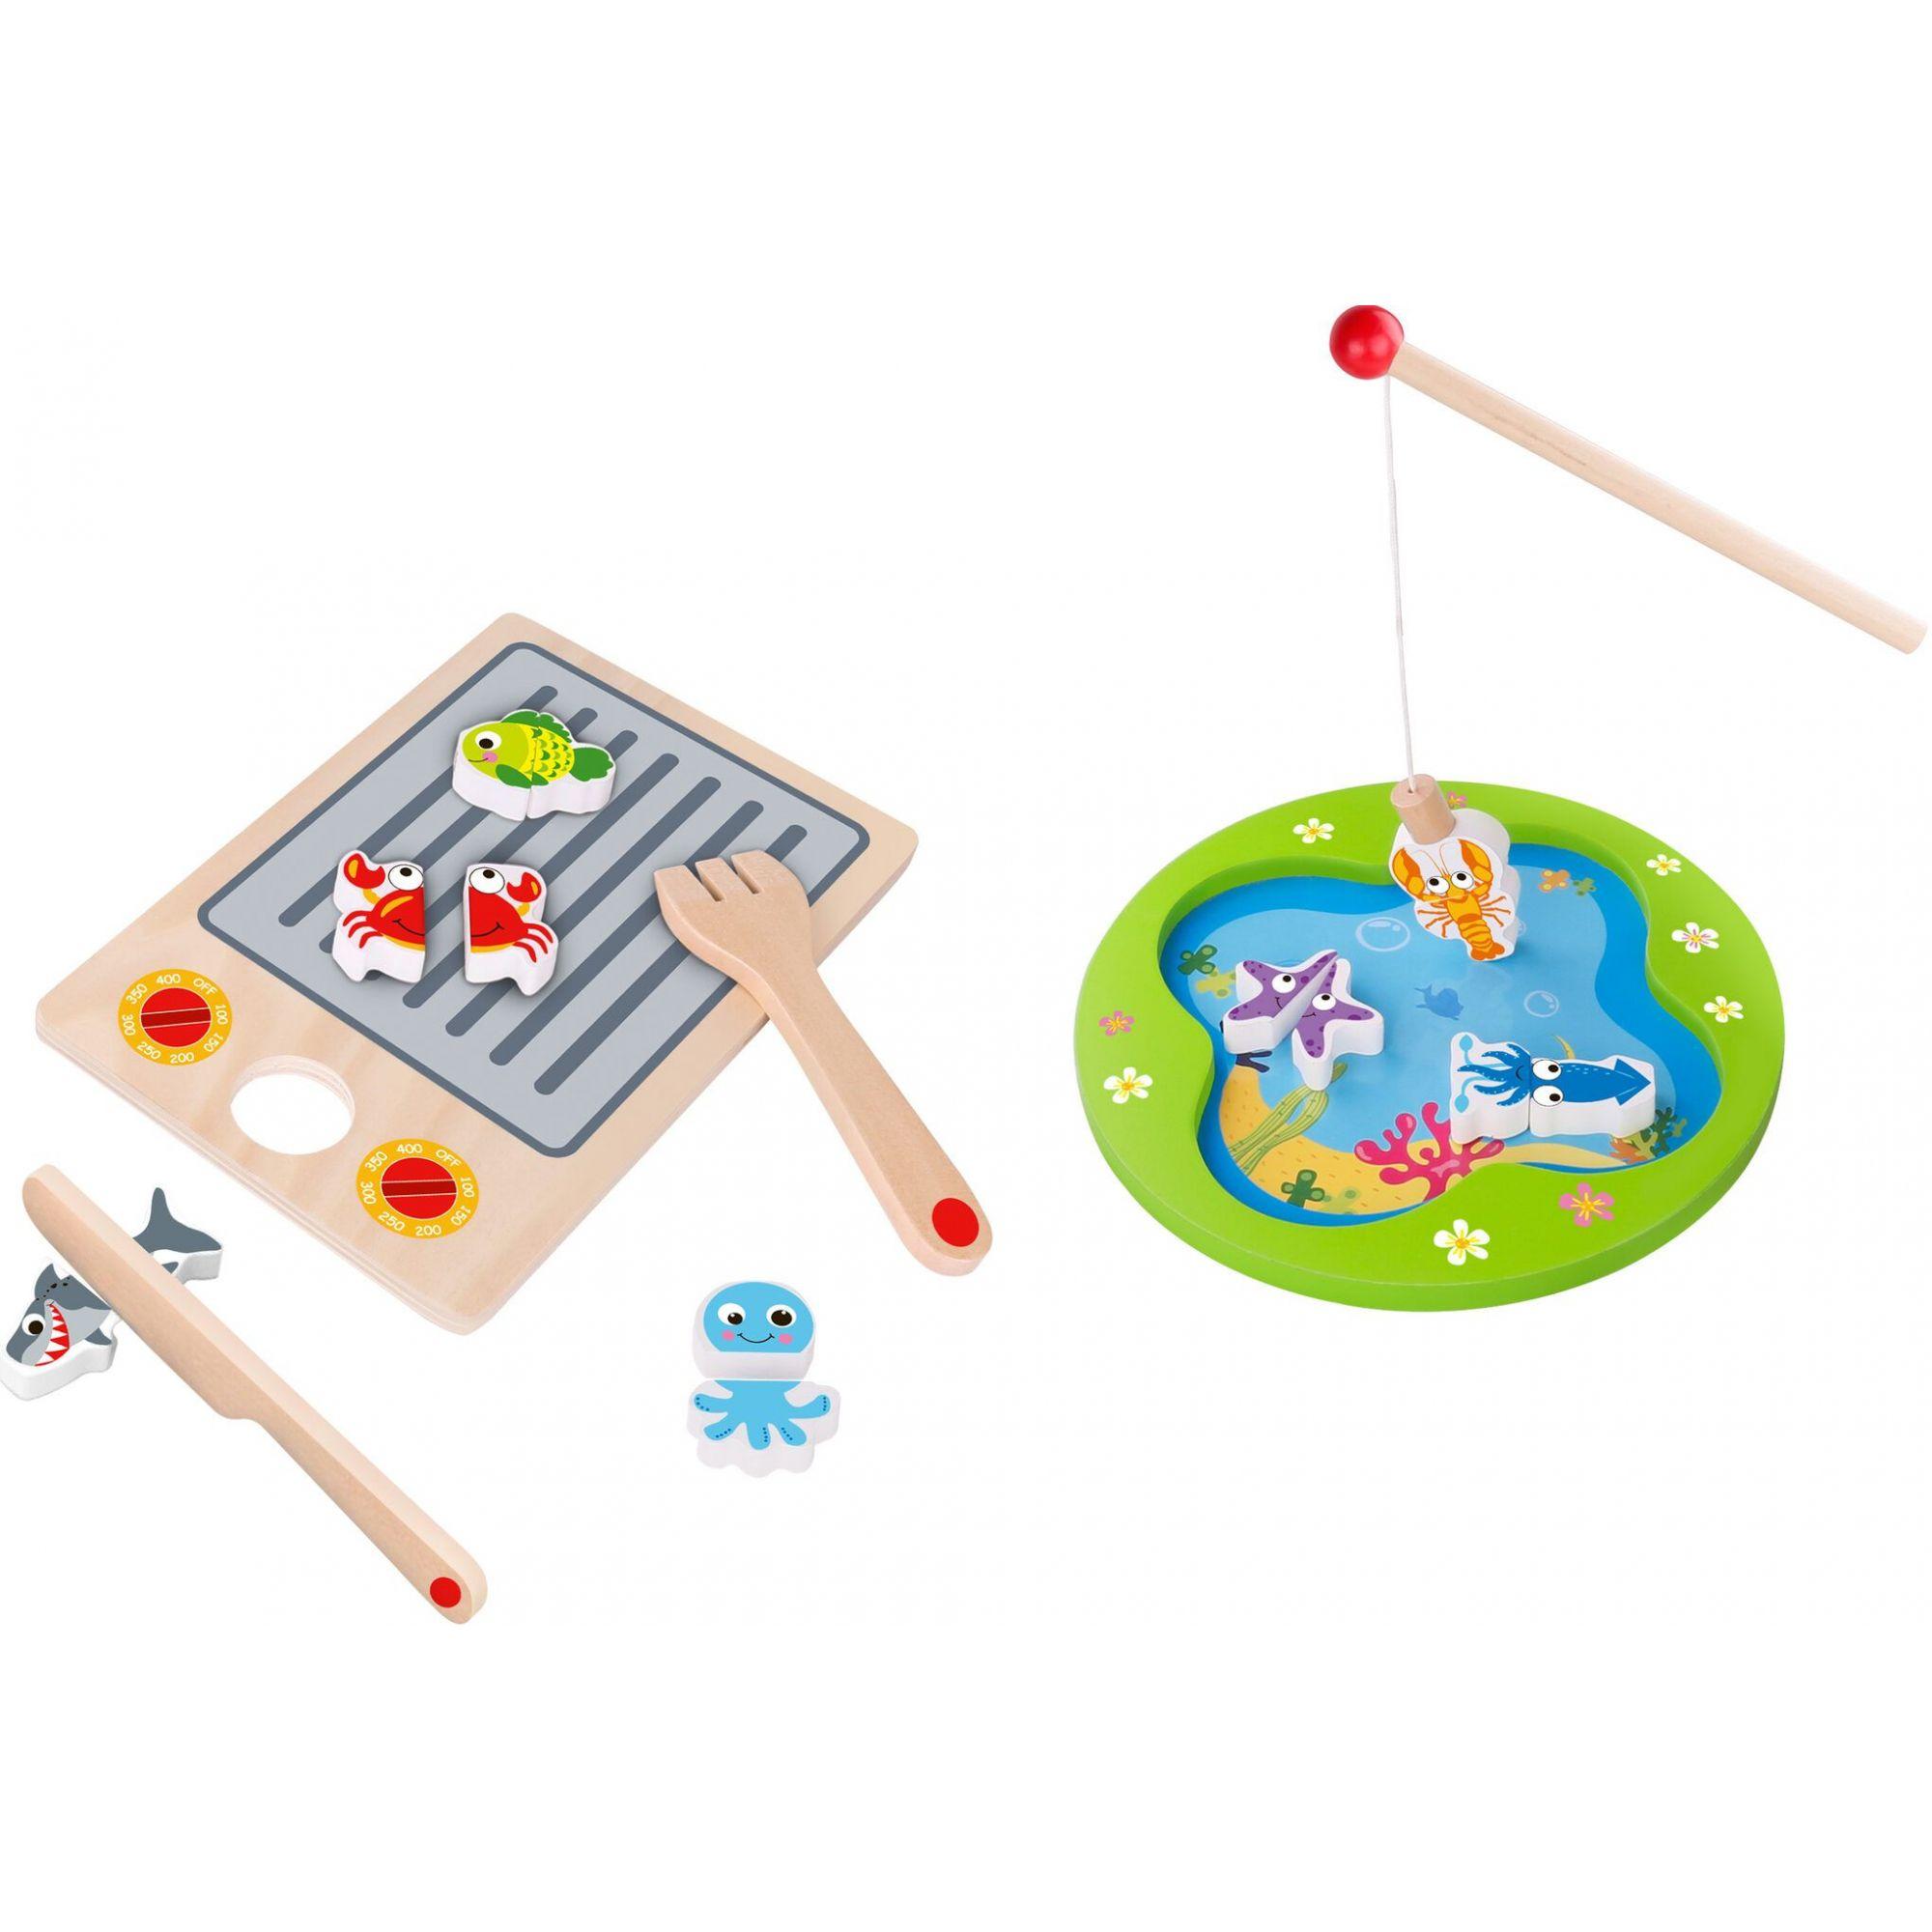 Brinquedo Pescar e Grelhar Magnético - Tooky Toy